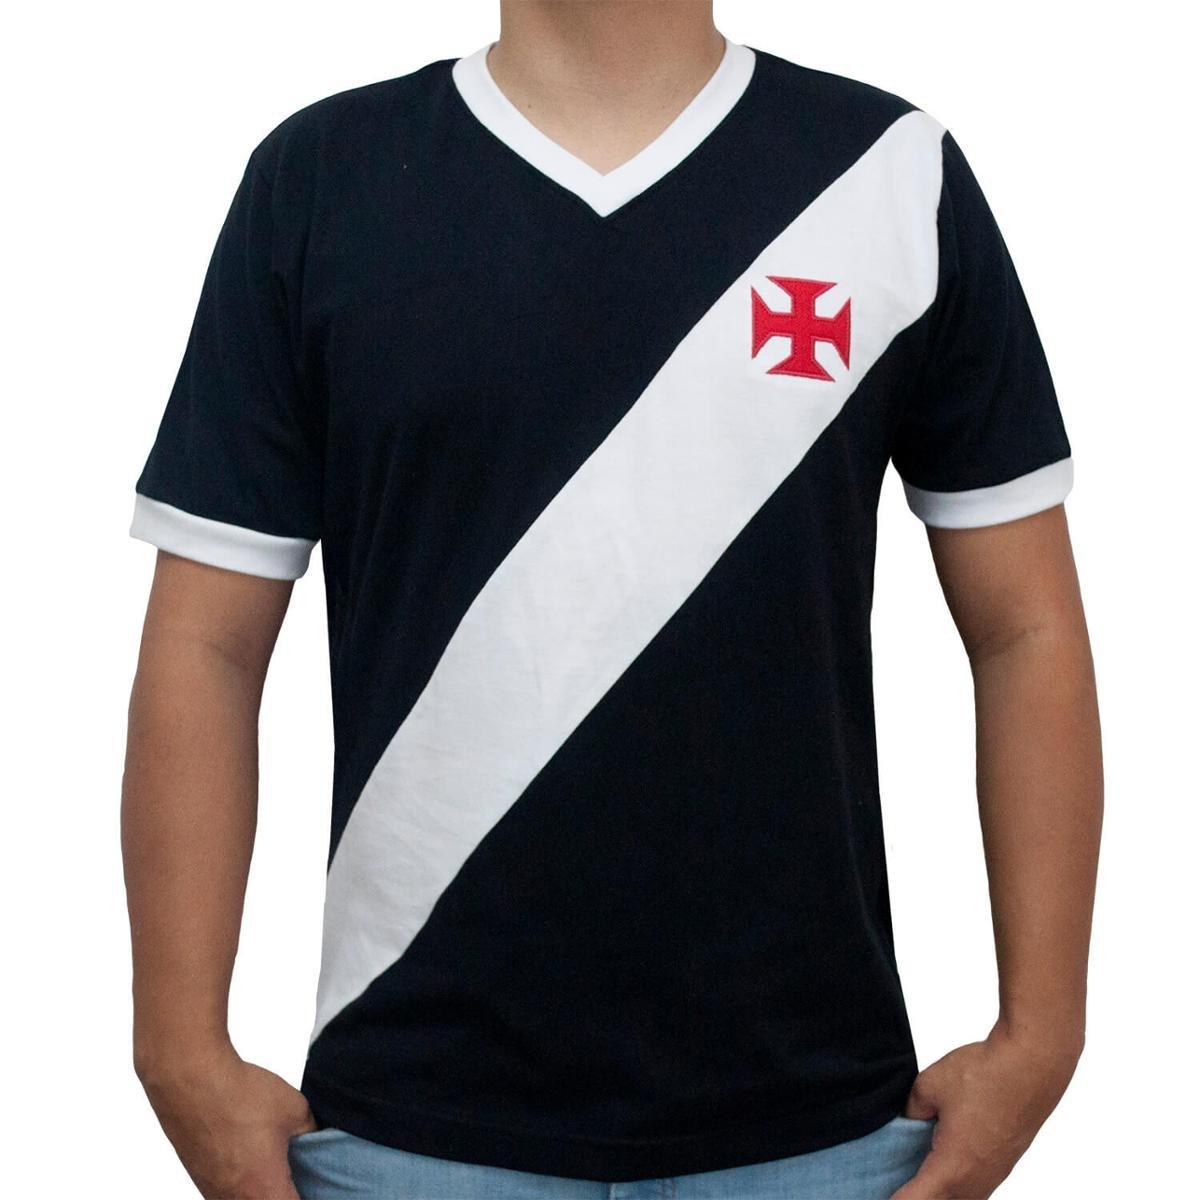 864b39be0e98b Camisa Retrô Mania Vasco da Gama 1948 Masculina - Preto e Branco - Compre  Agora